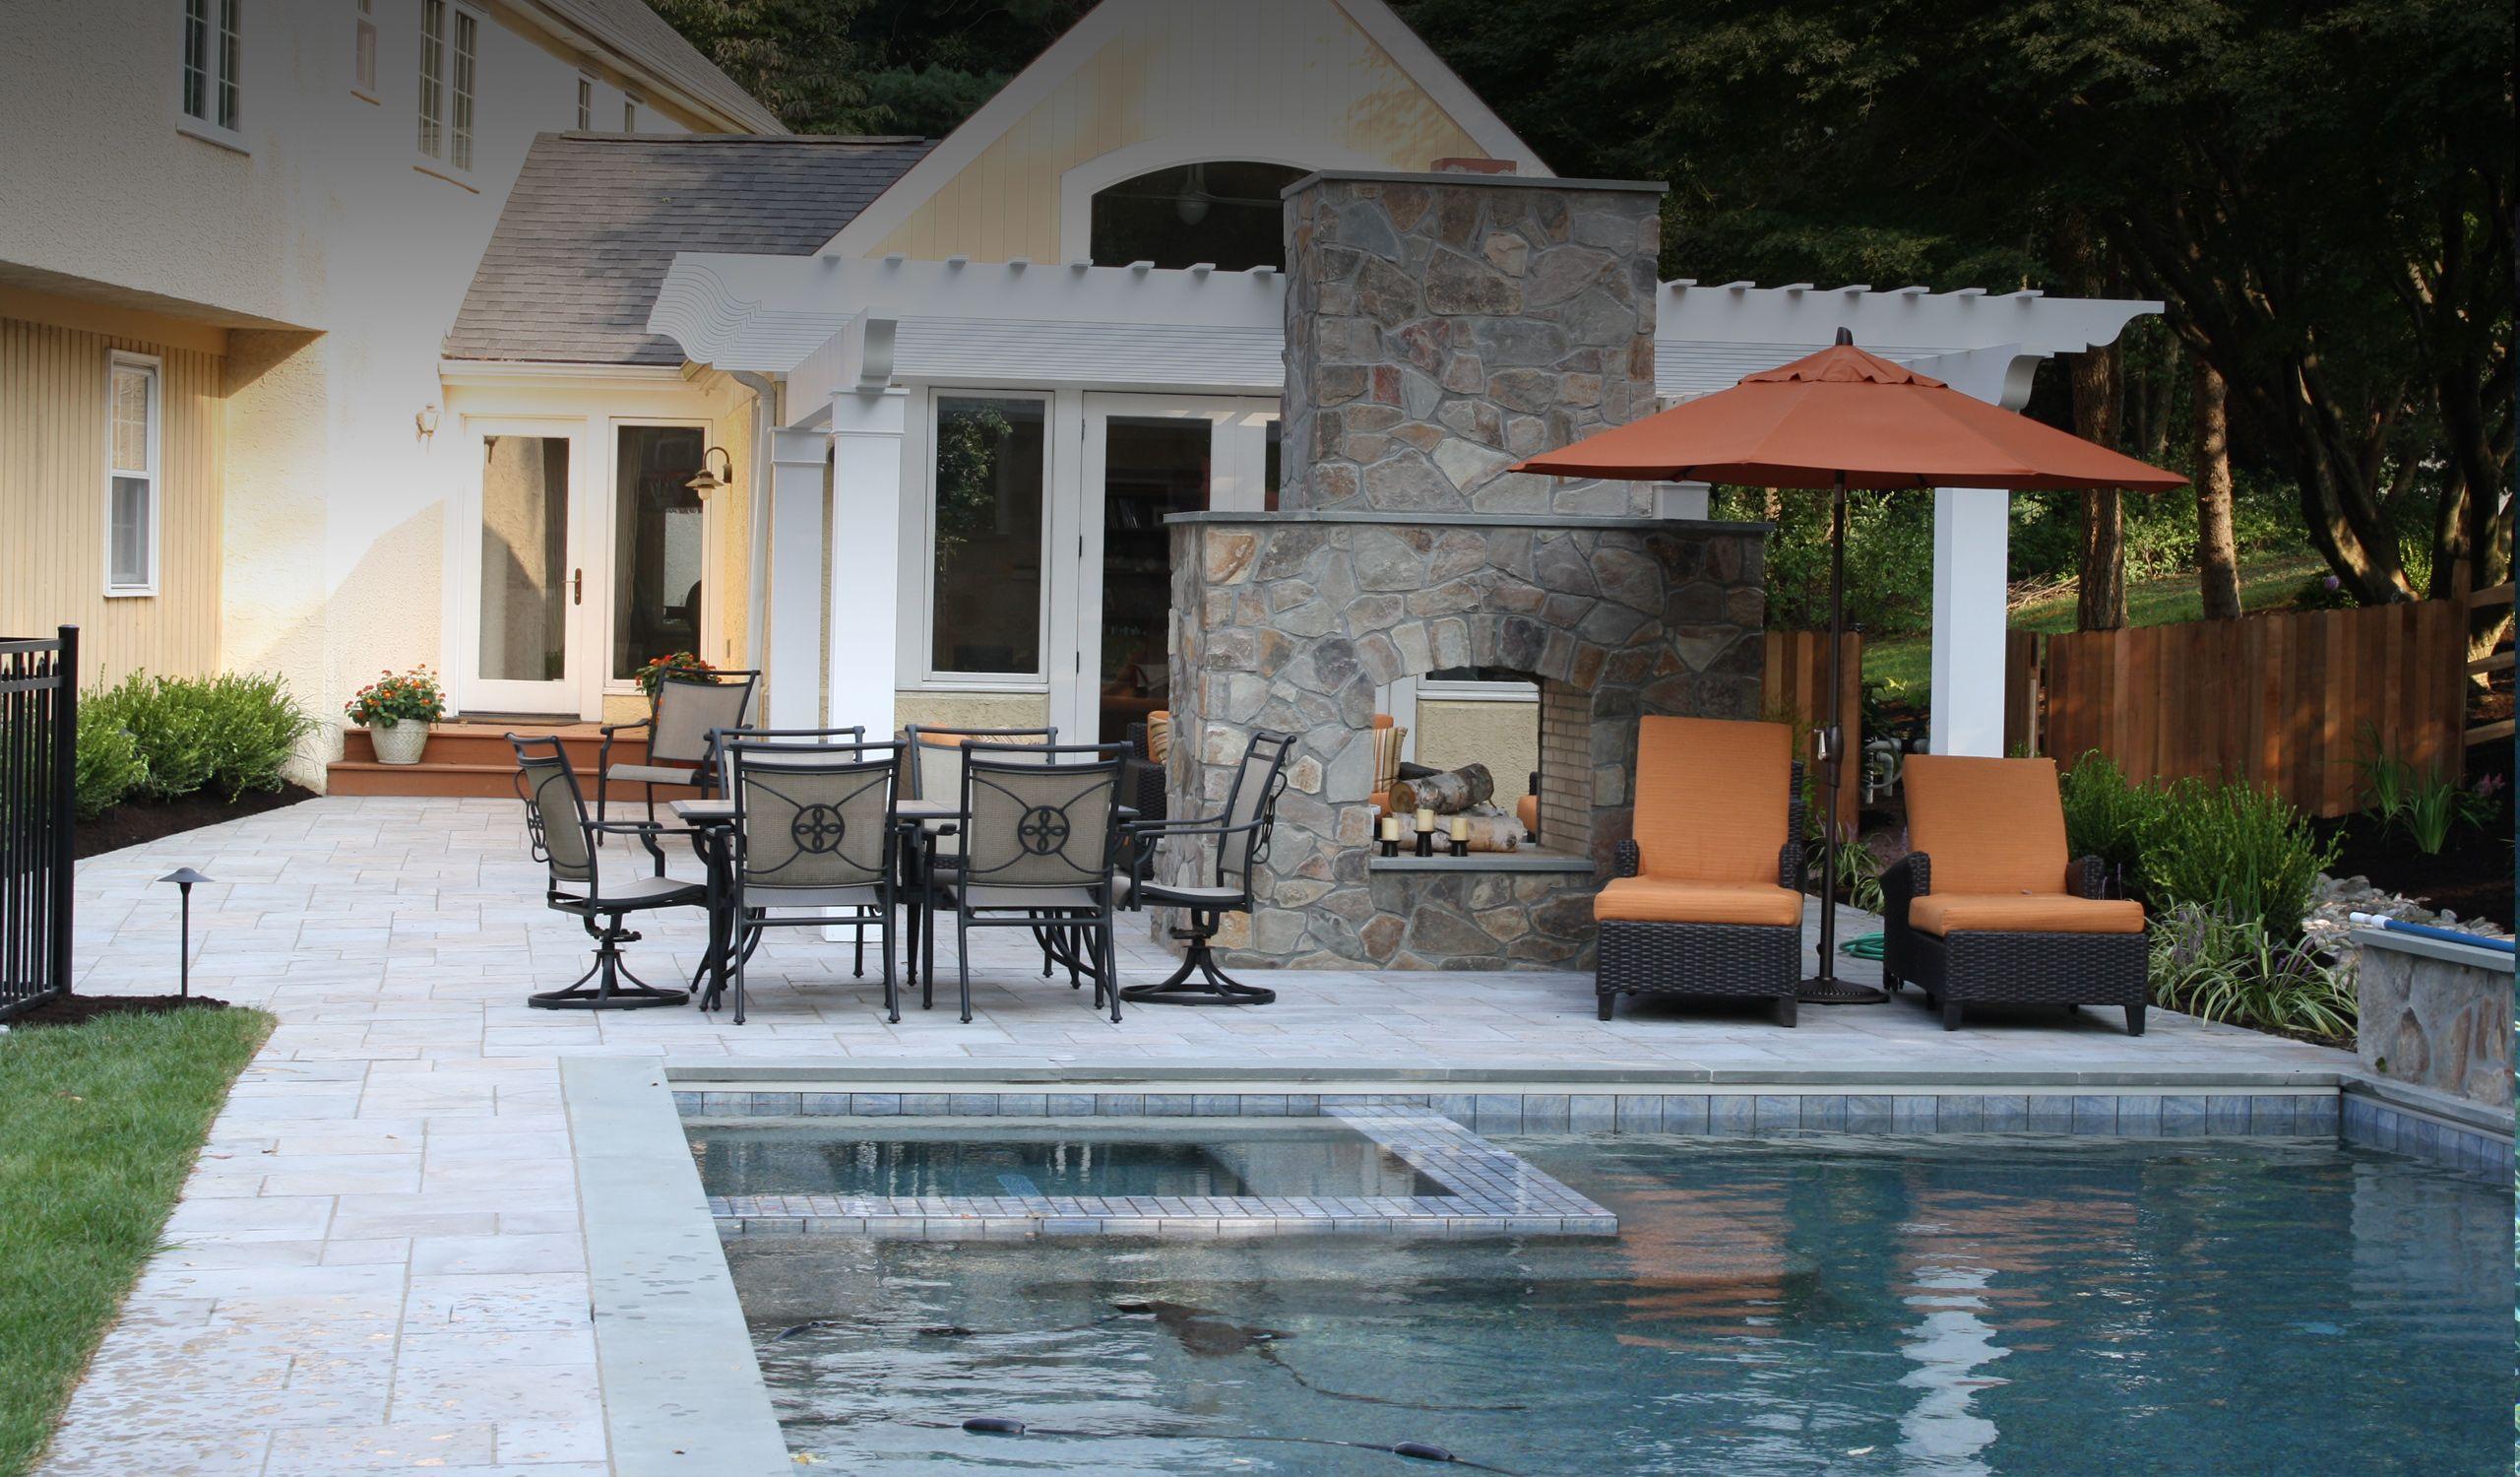 Pool Builders Wayne Pool Builders Devon Pool Builders Pool Designs Pool